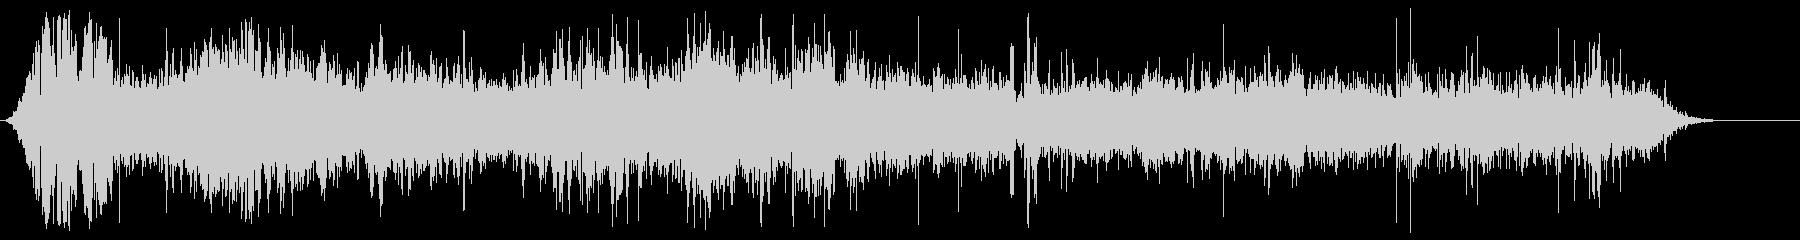 サンフェルミンのBus騒の未再生の波形